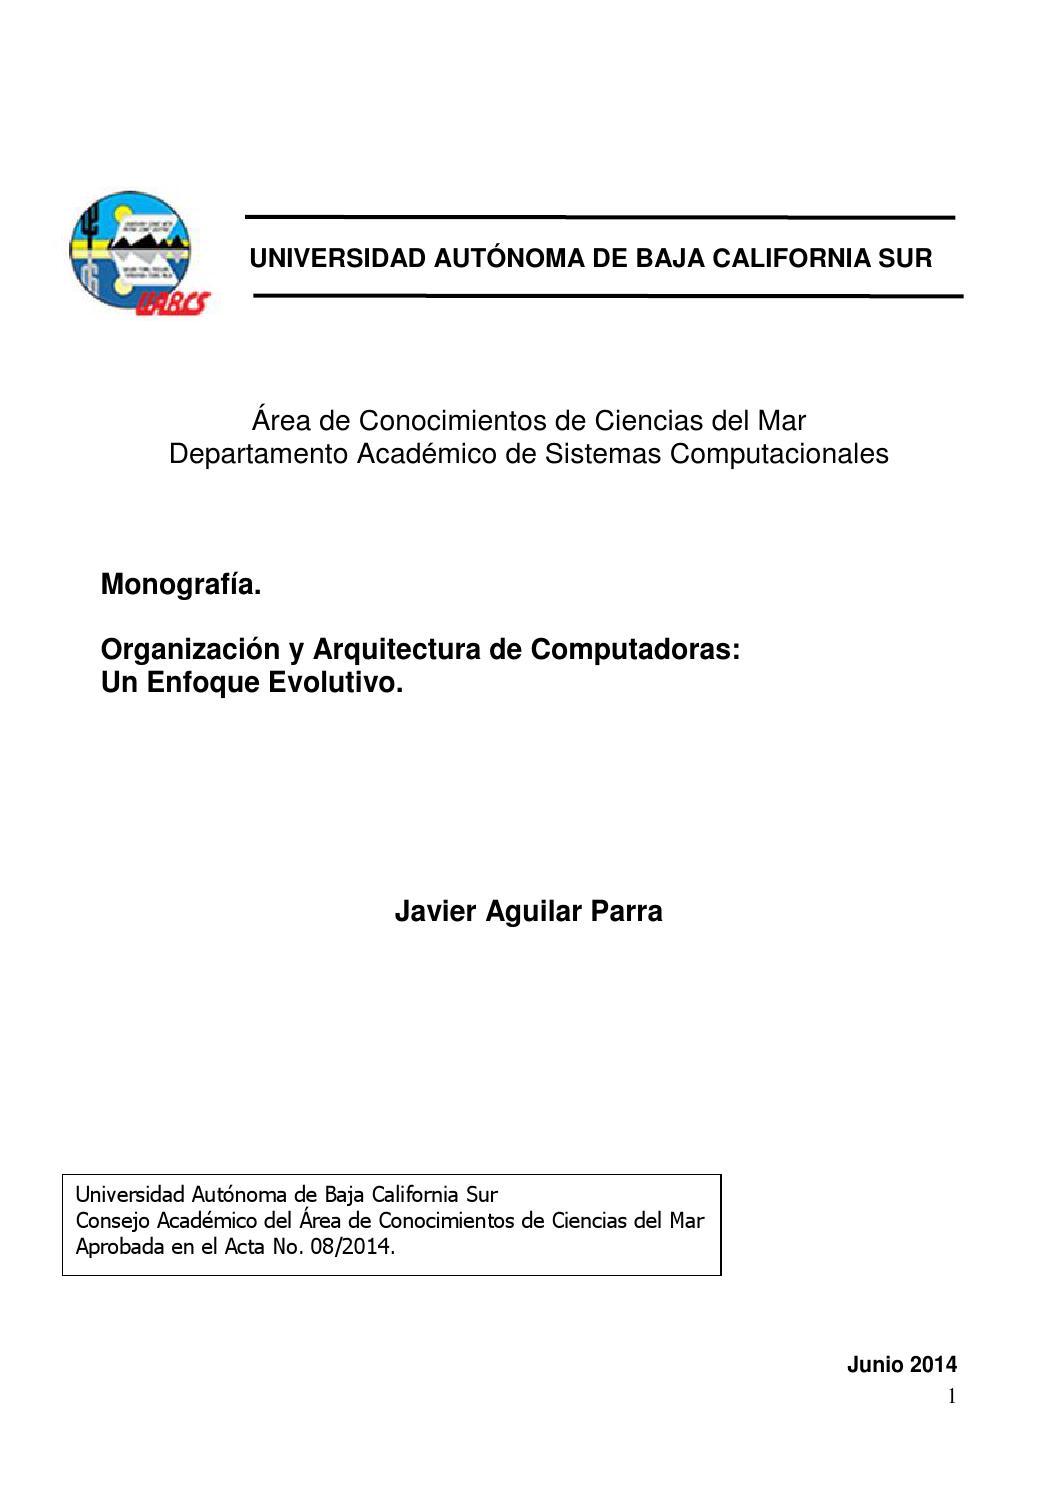 Monografia organizaci n y arquitectura de computadoras by for Fisica con ordenador